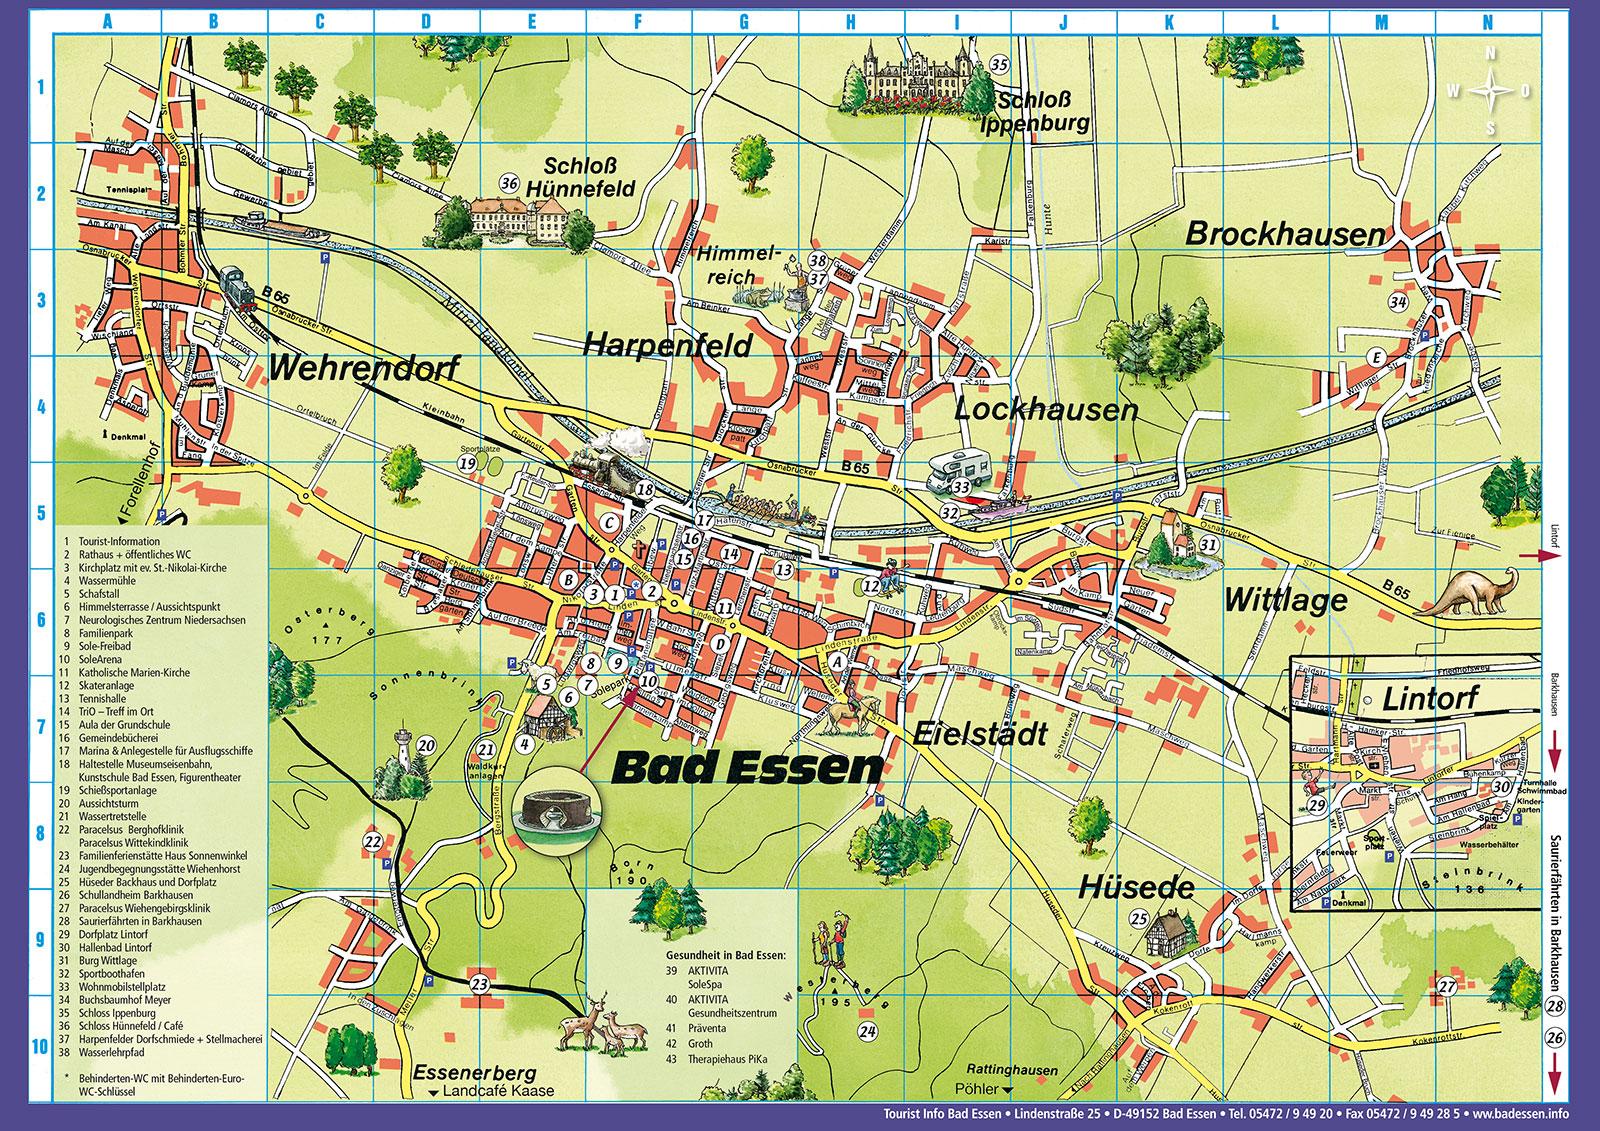 Ortsplan, Karte von Bad Essen mit Einträgen der Sehenswürdigkeiten